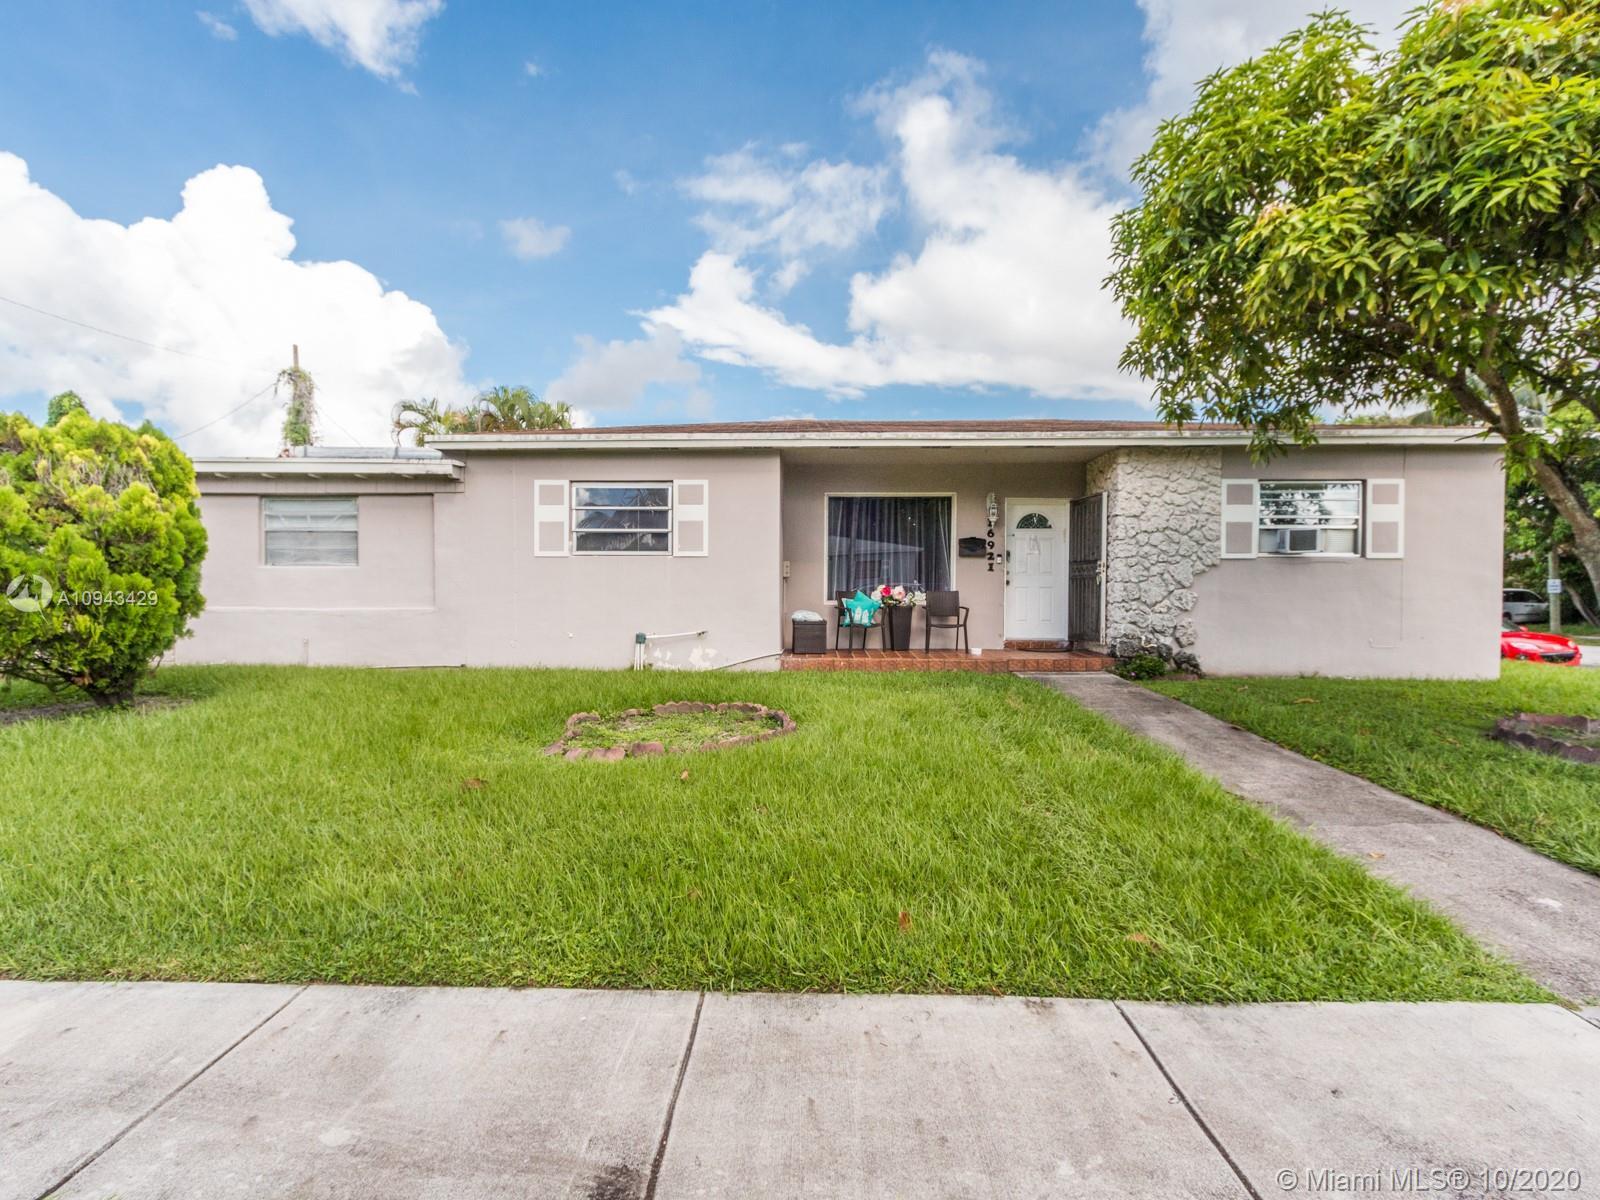 Windward - 16921 NE 7th Ct, North Miami Beach, FL 33162